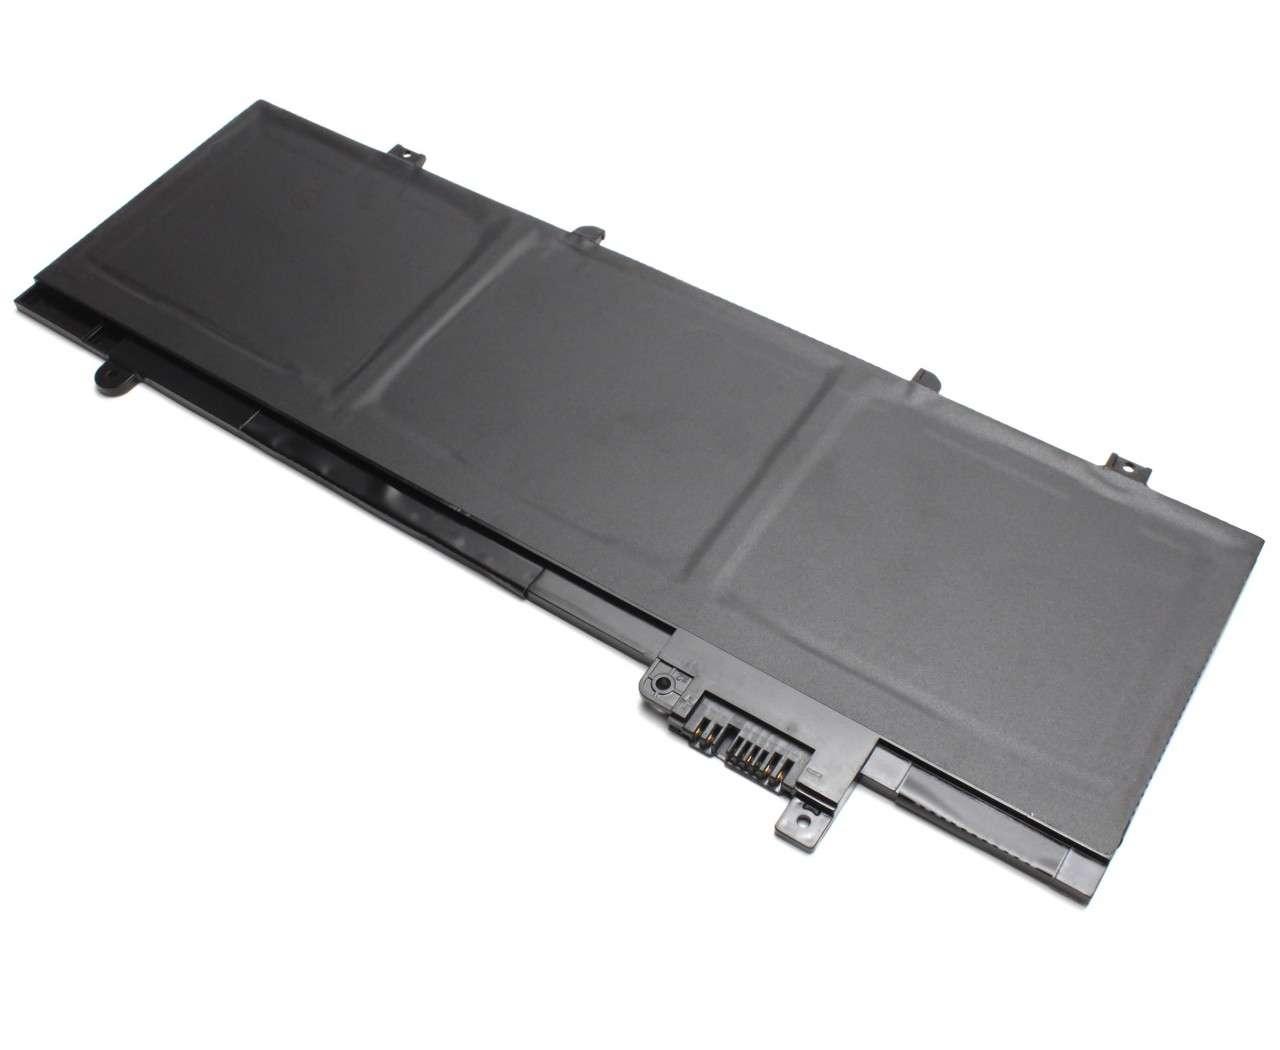 Baterie Lenovo 01AV478 Originala 57Wh imagine powerlaptop.ro 2021